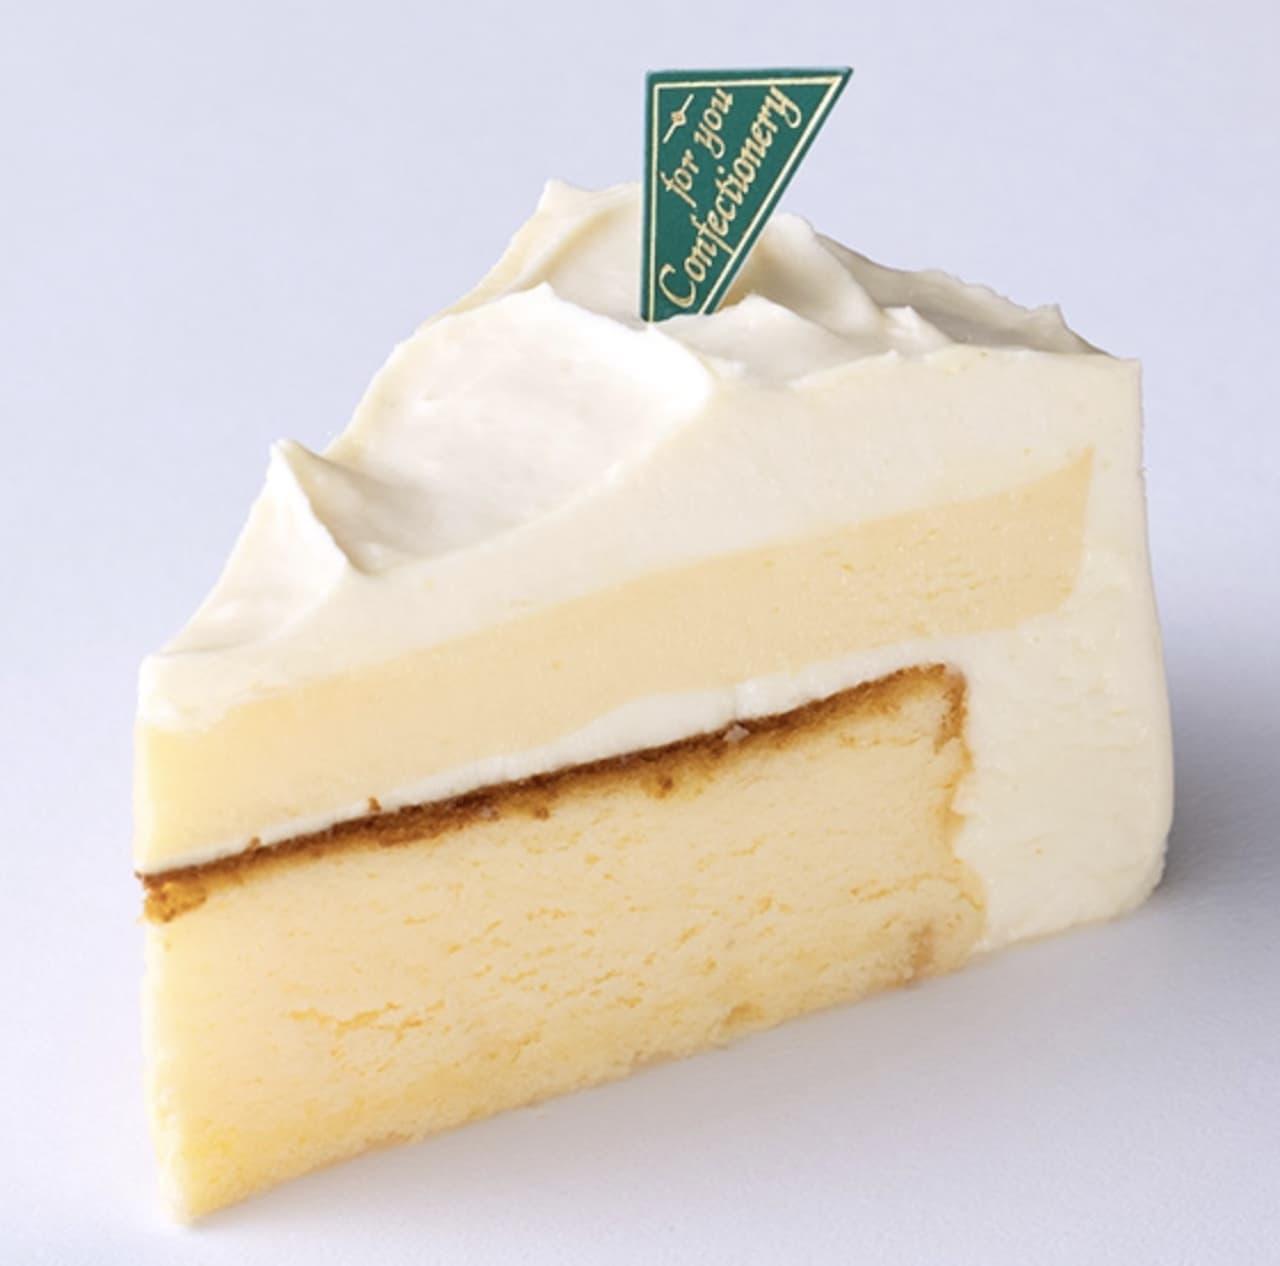 シャトレーゼ「トリプルチーズケーキ」